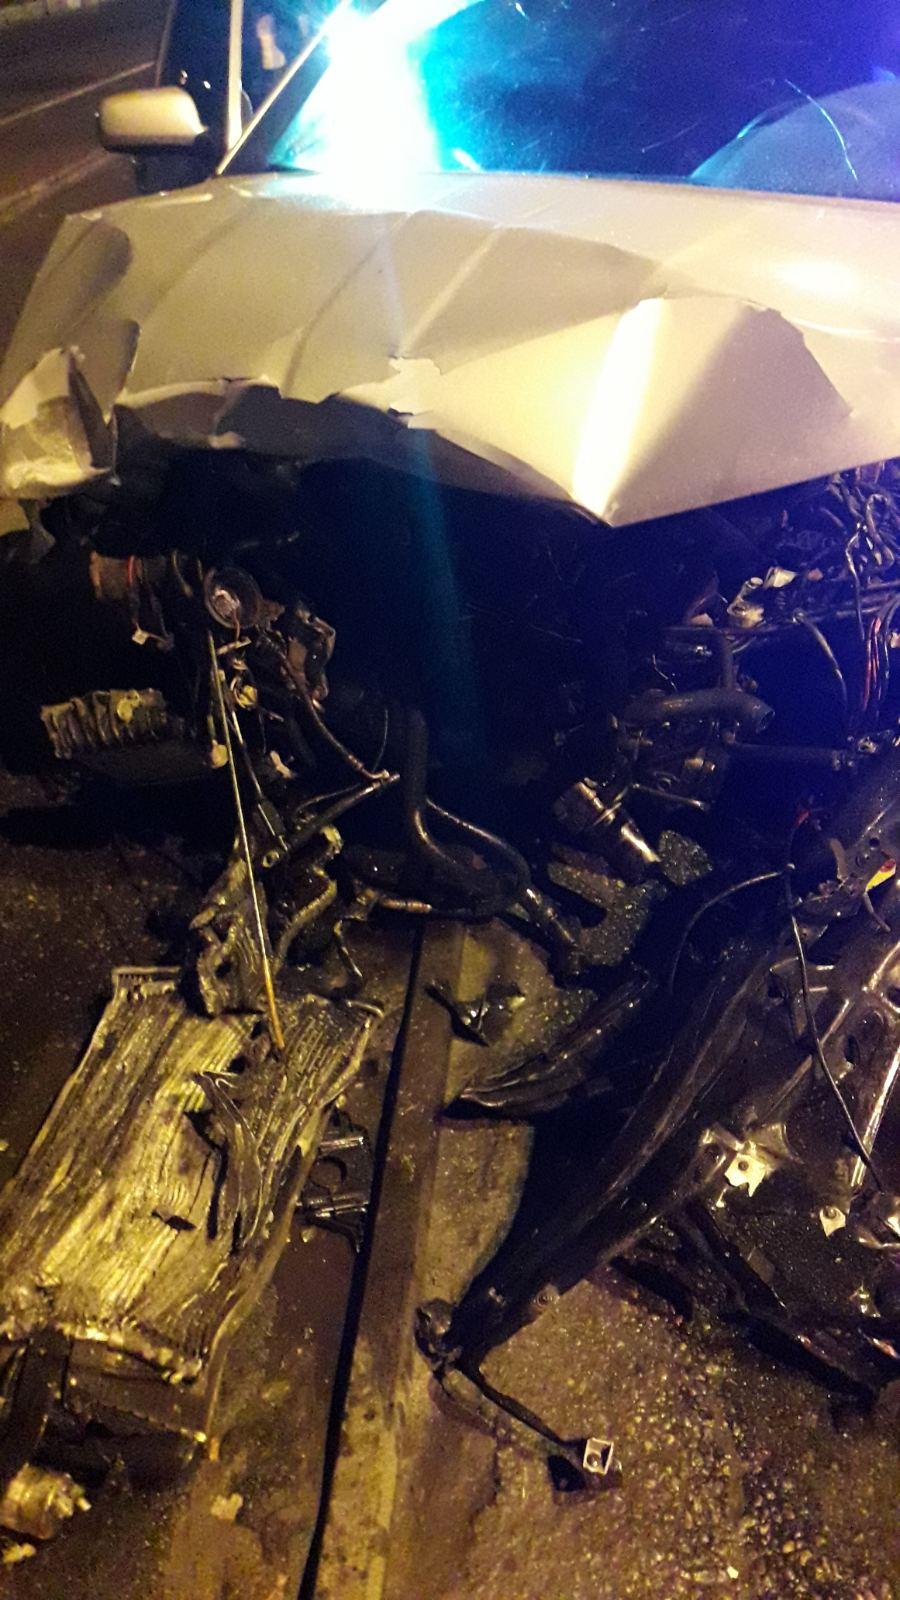 В Харькове спасателям пришлось деблокировать таксиста из покореженного автомобиля (фото)